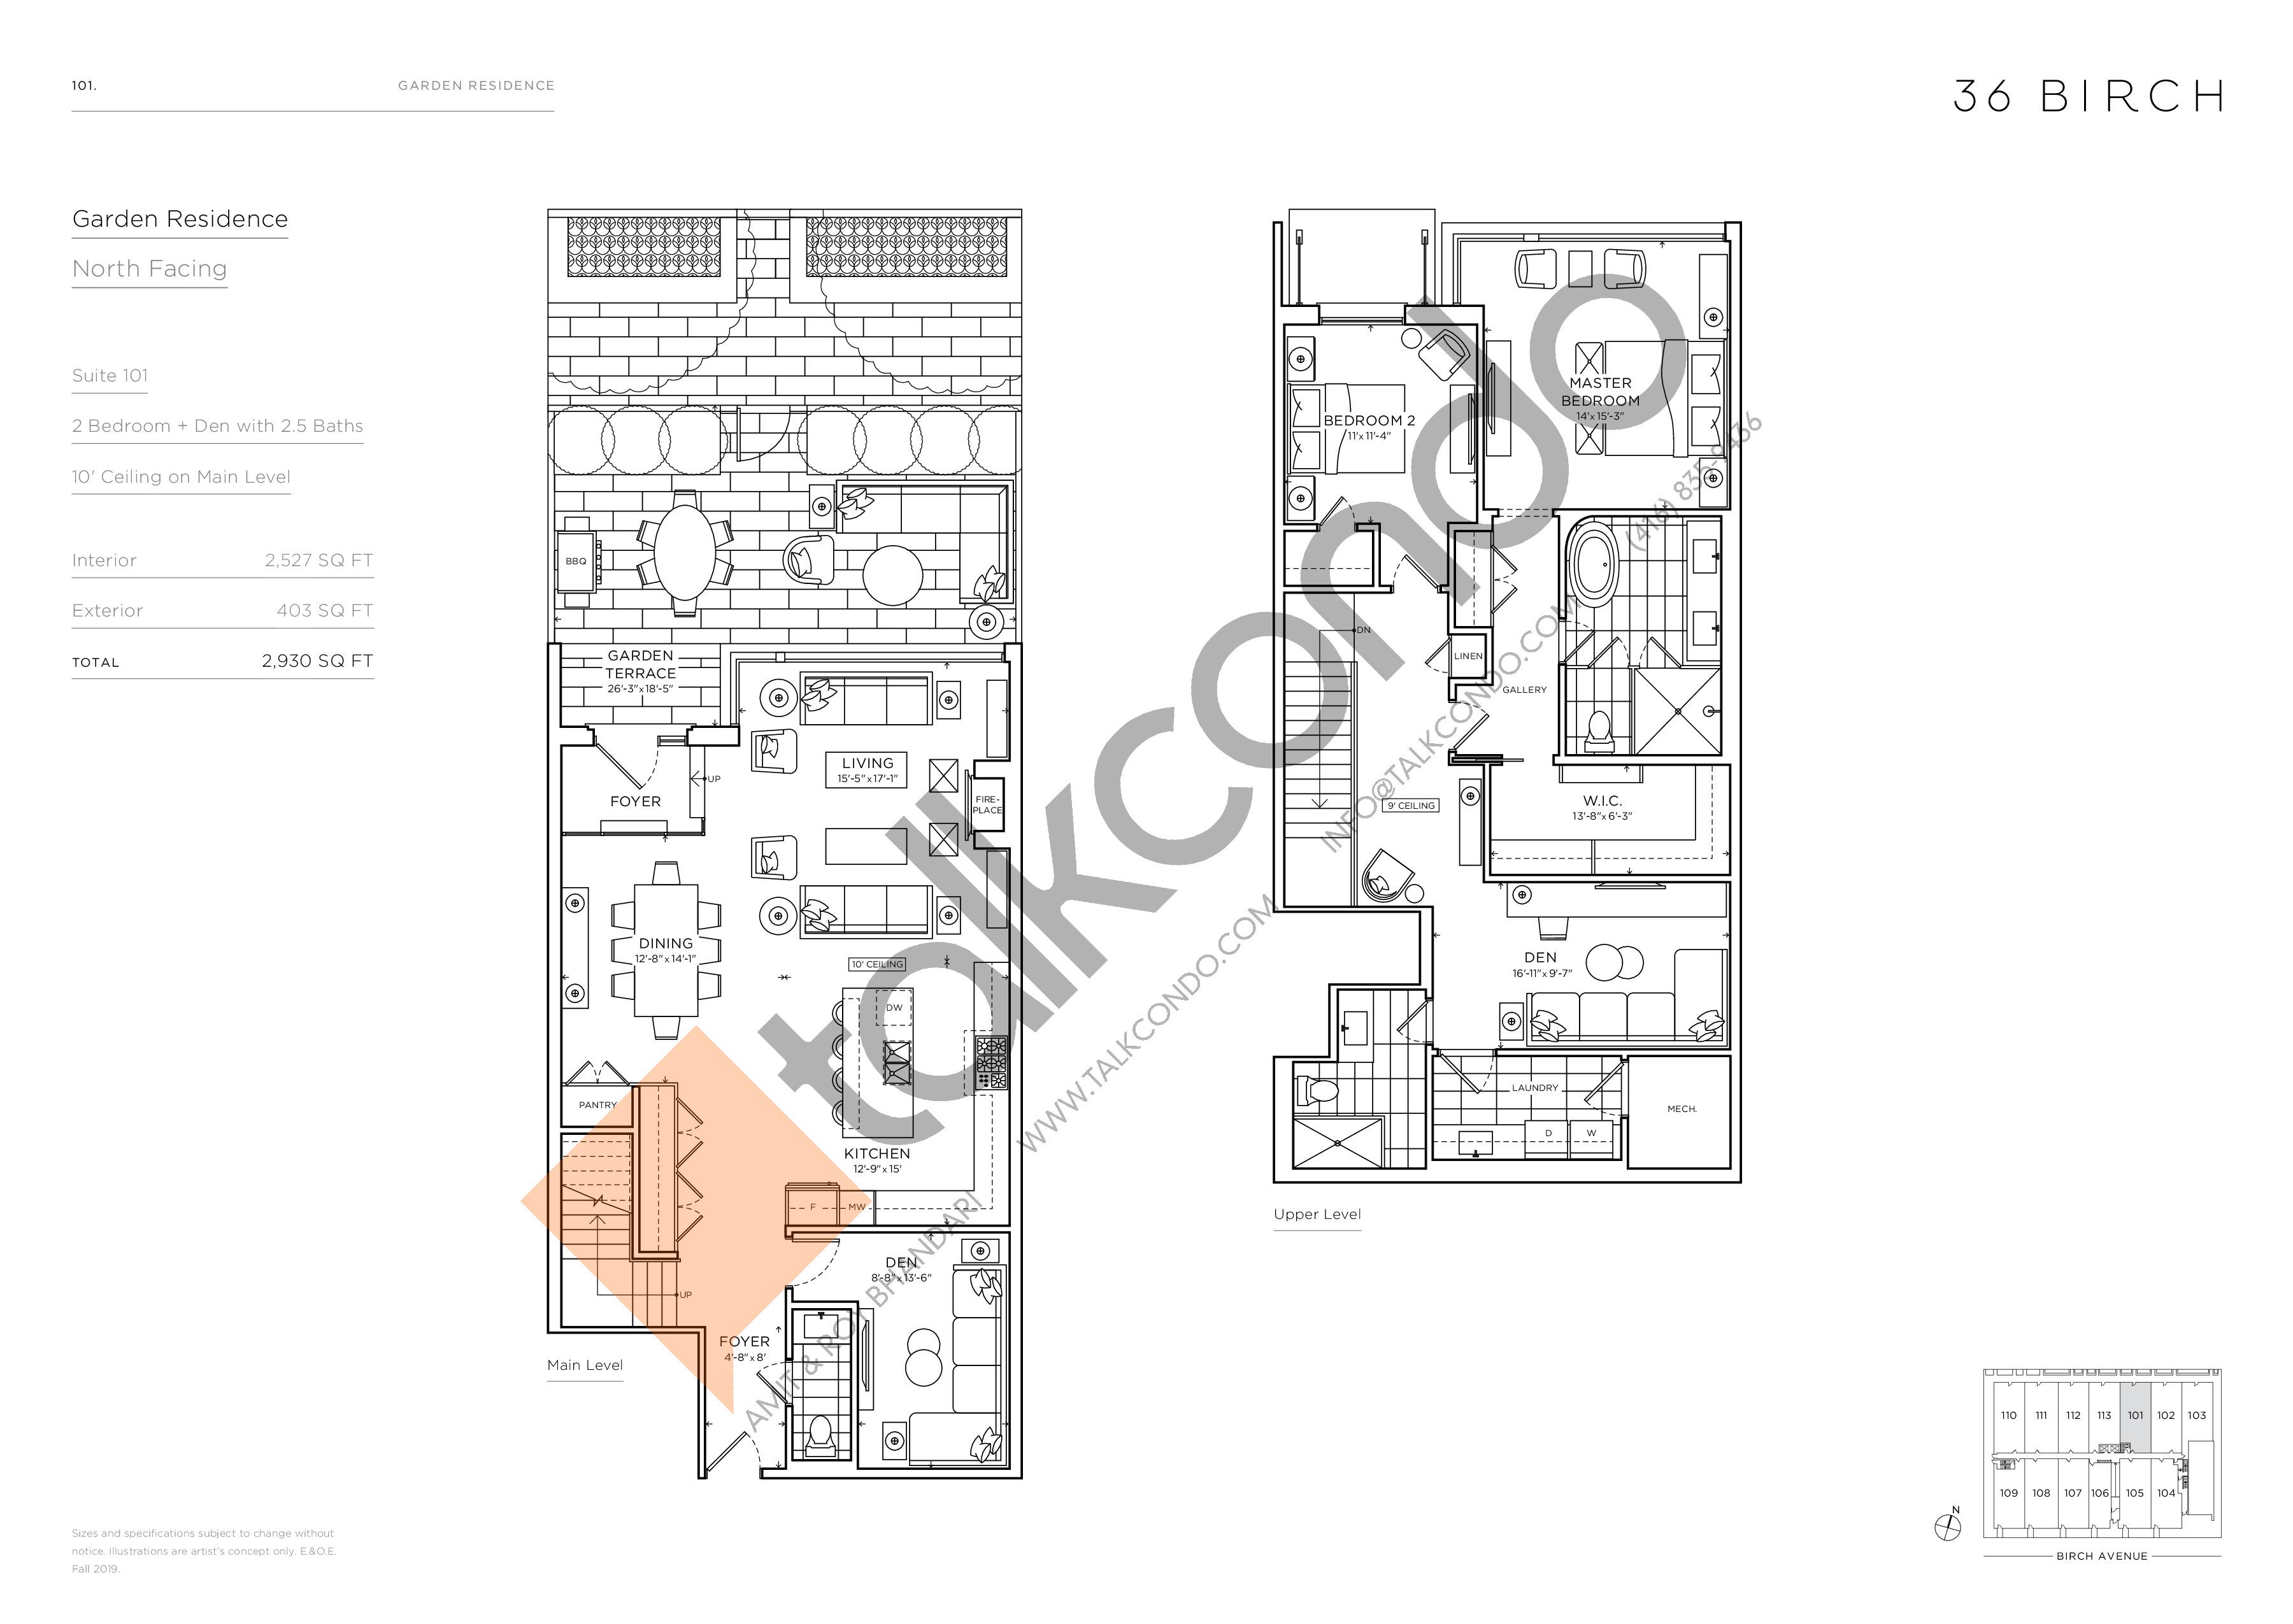 101 - Garden Residences Floor Plan at 36 Birch Avenue Condos - 2527 sq.ft